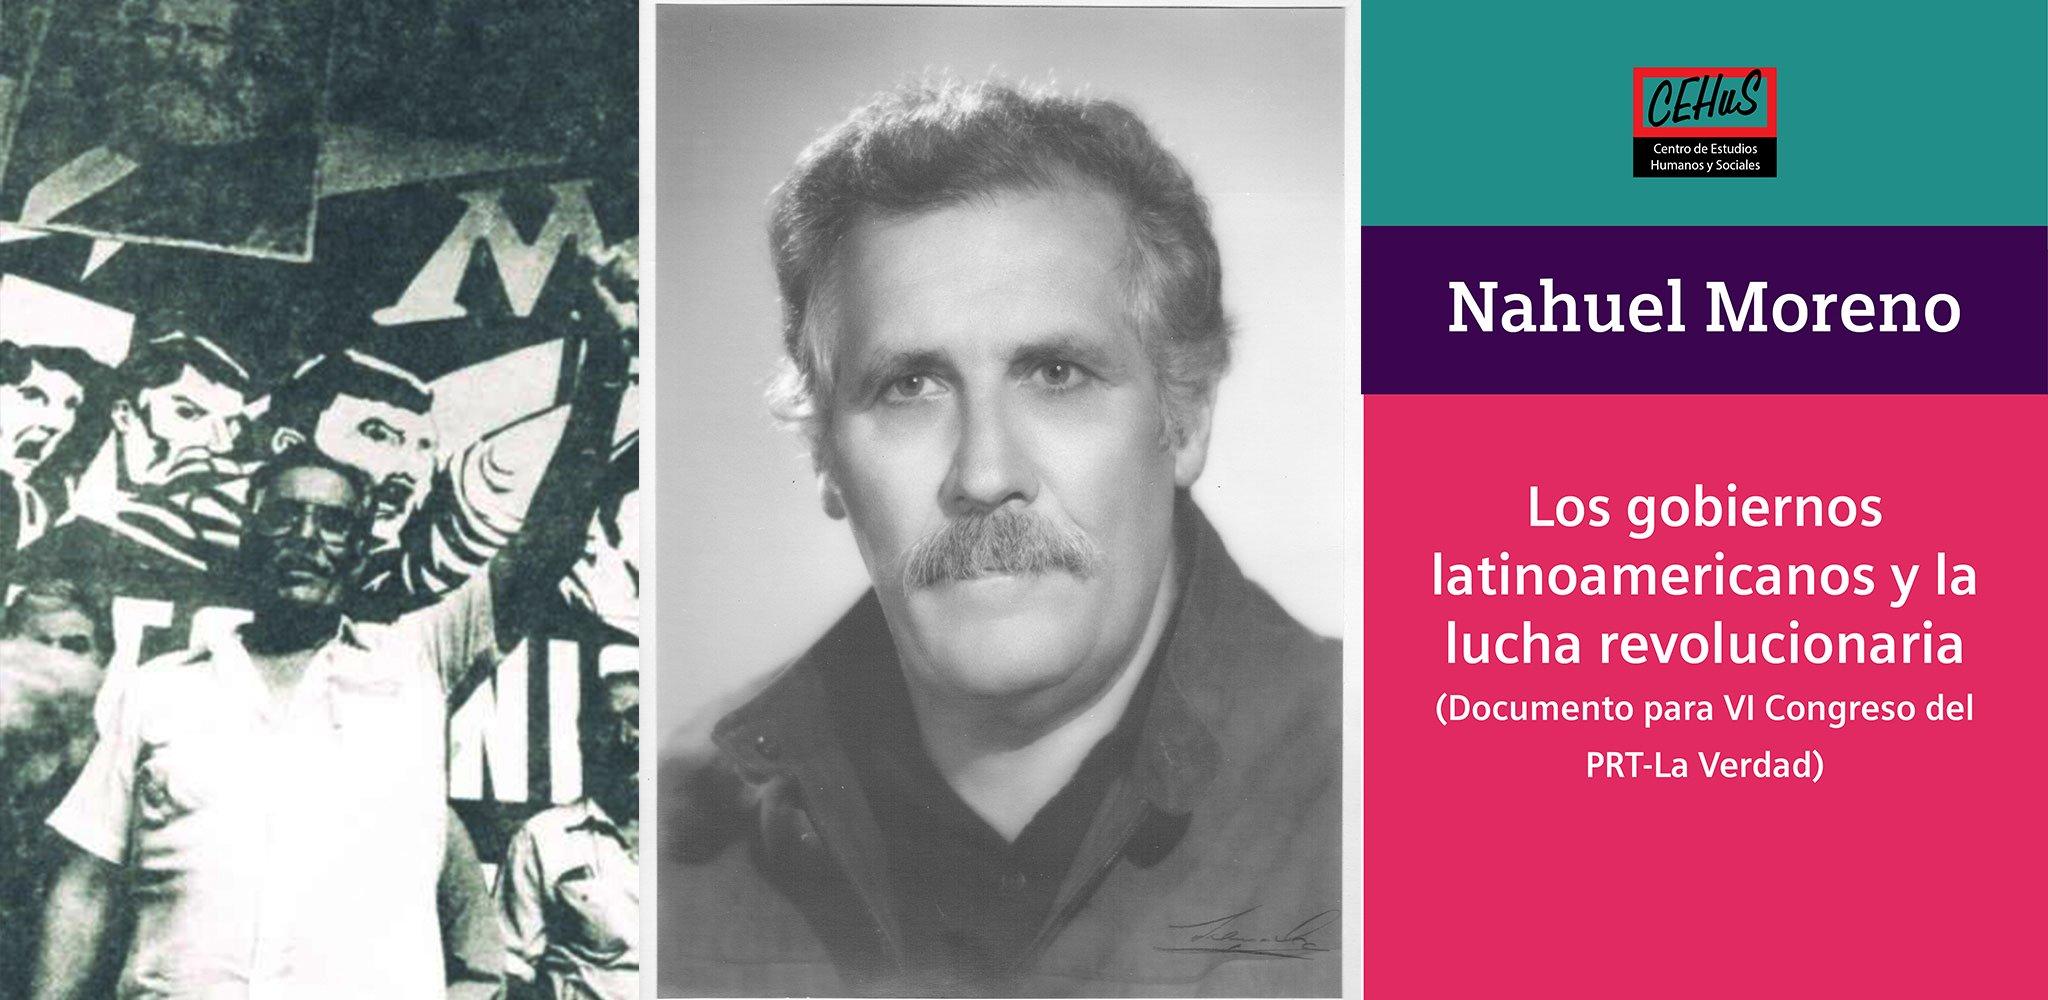 LOS GOBIERNOS LATINOAMERICANOS Y LA LUCHA REVOLUCIONARIA (1971)